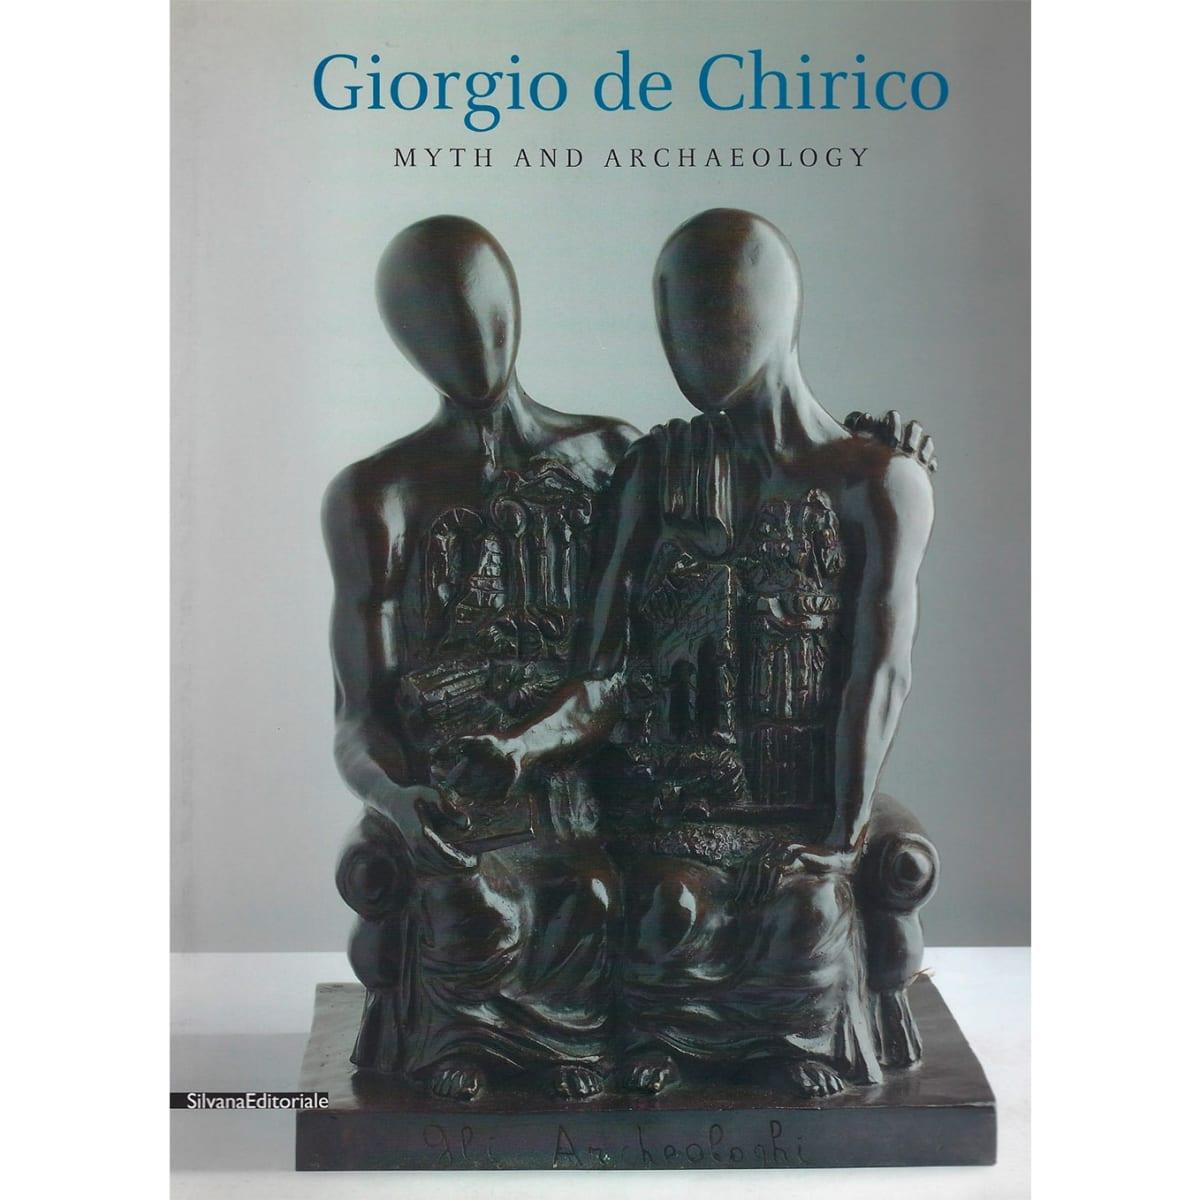 Giorgio de Chirico Myth and Archeology